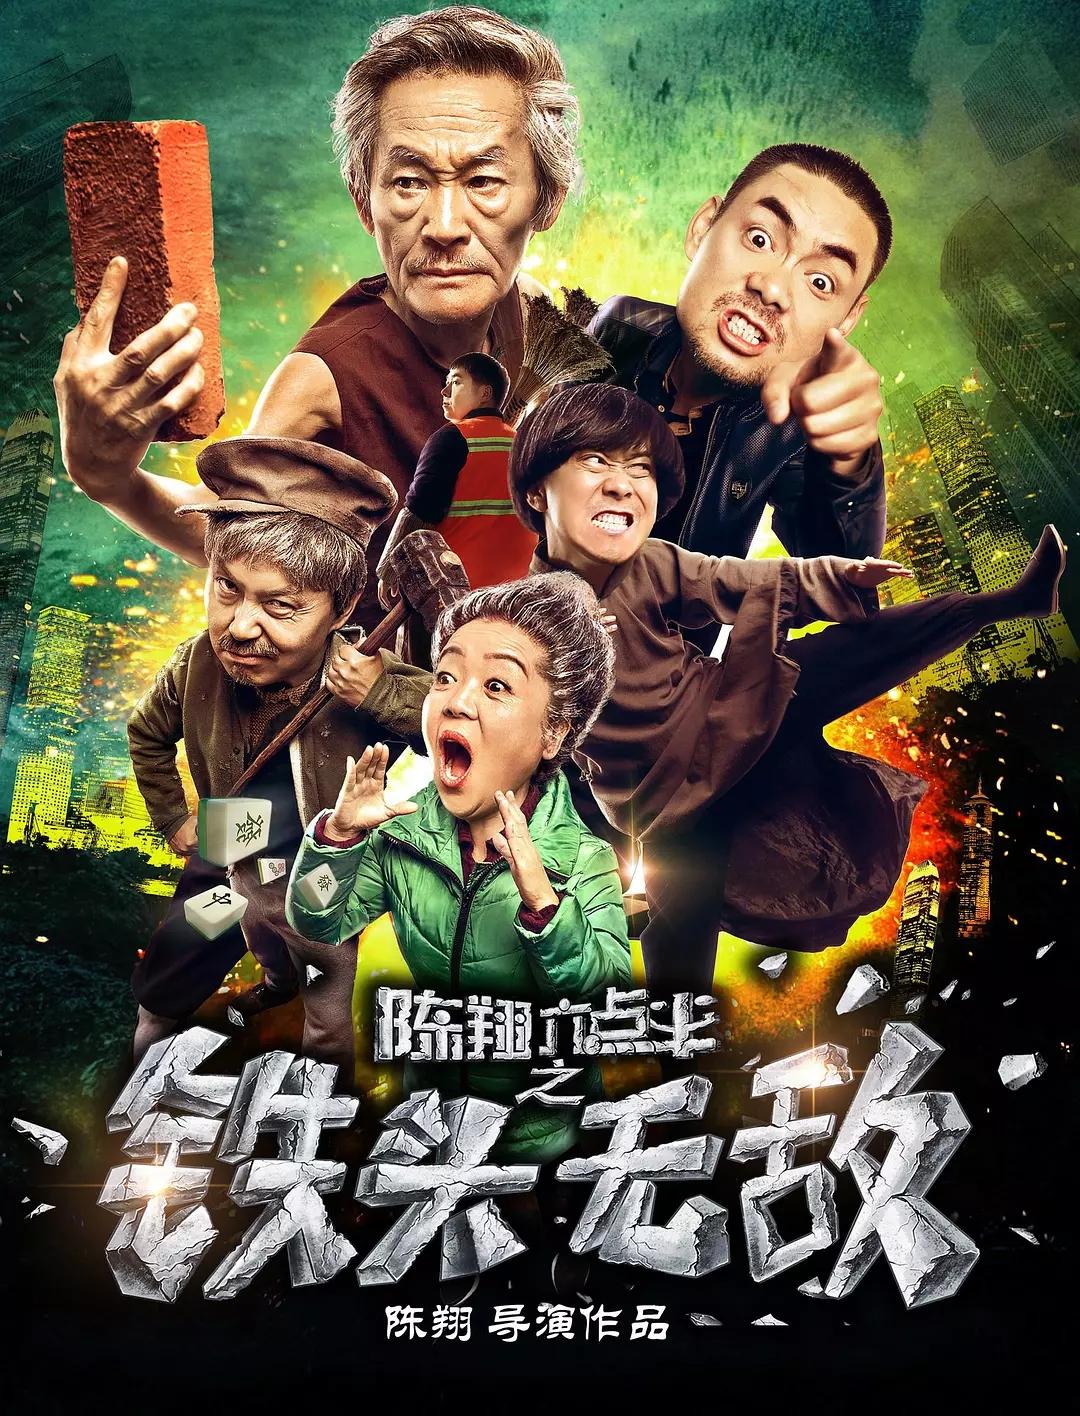 2018年 陈翔六点半之铁头无敌4K电影下载